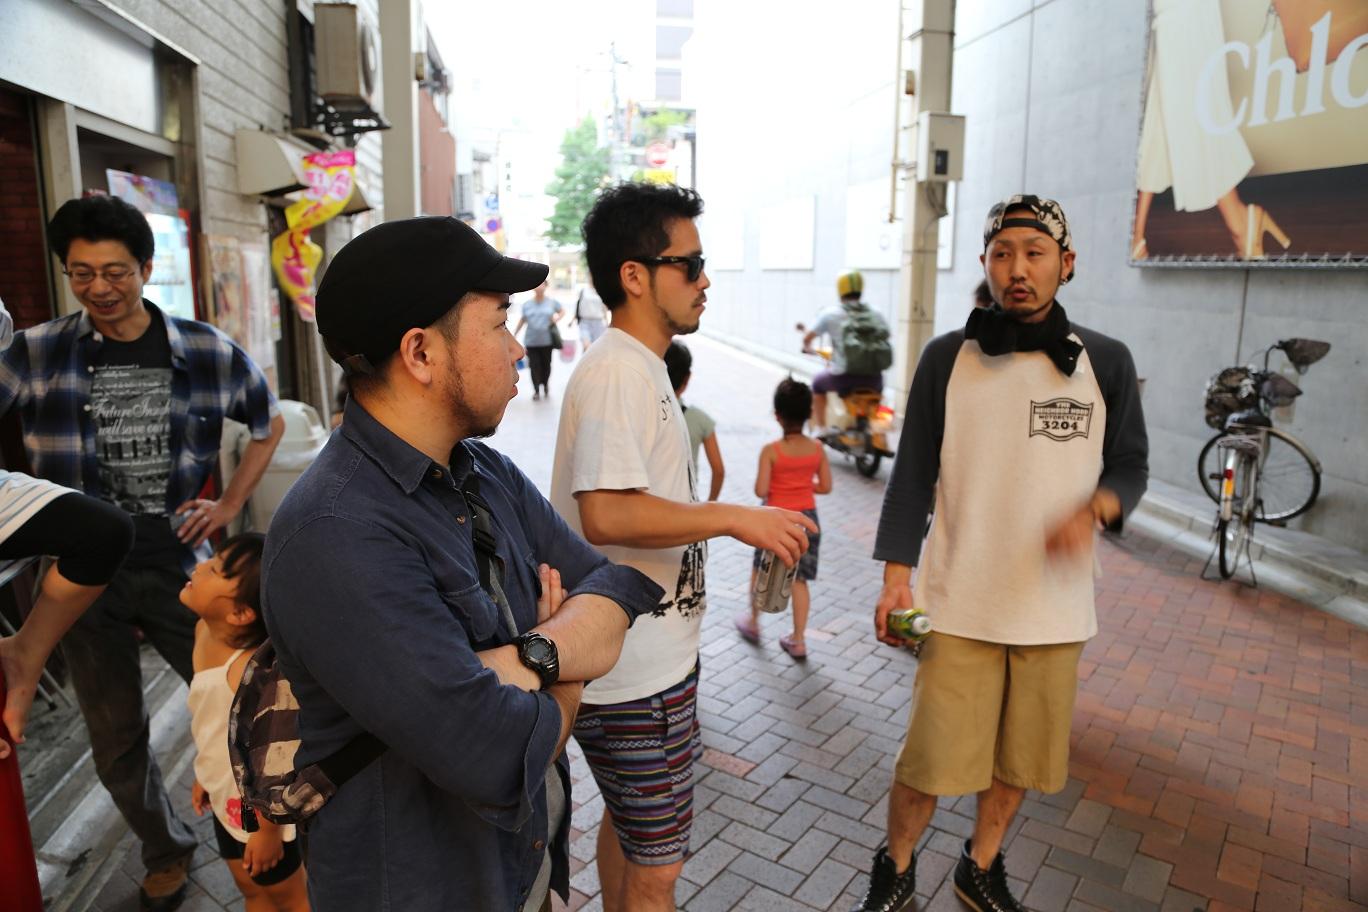 2013-8-10 新潟WOODY 「ならぬことはならぬ」レコ発